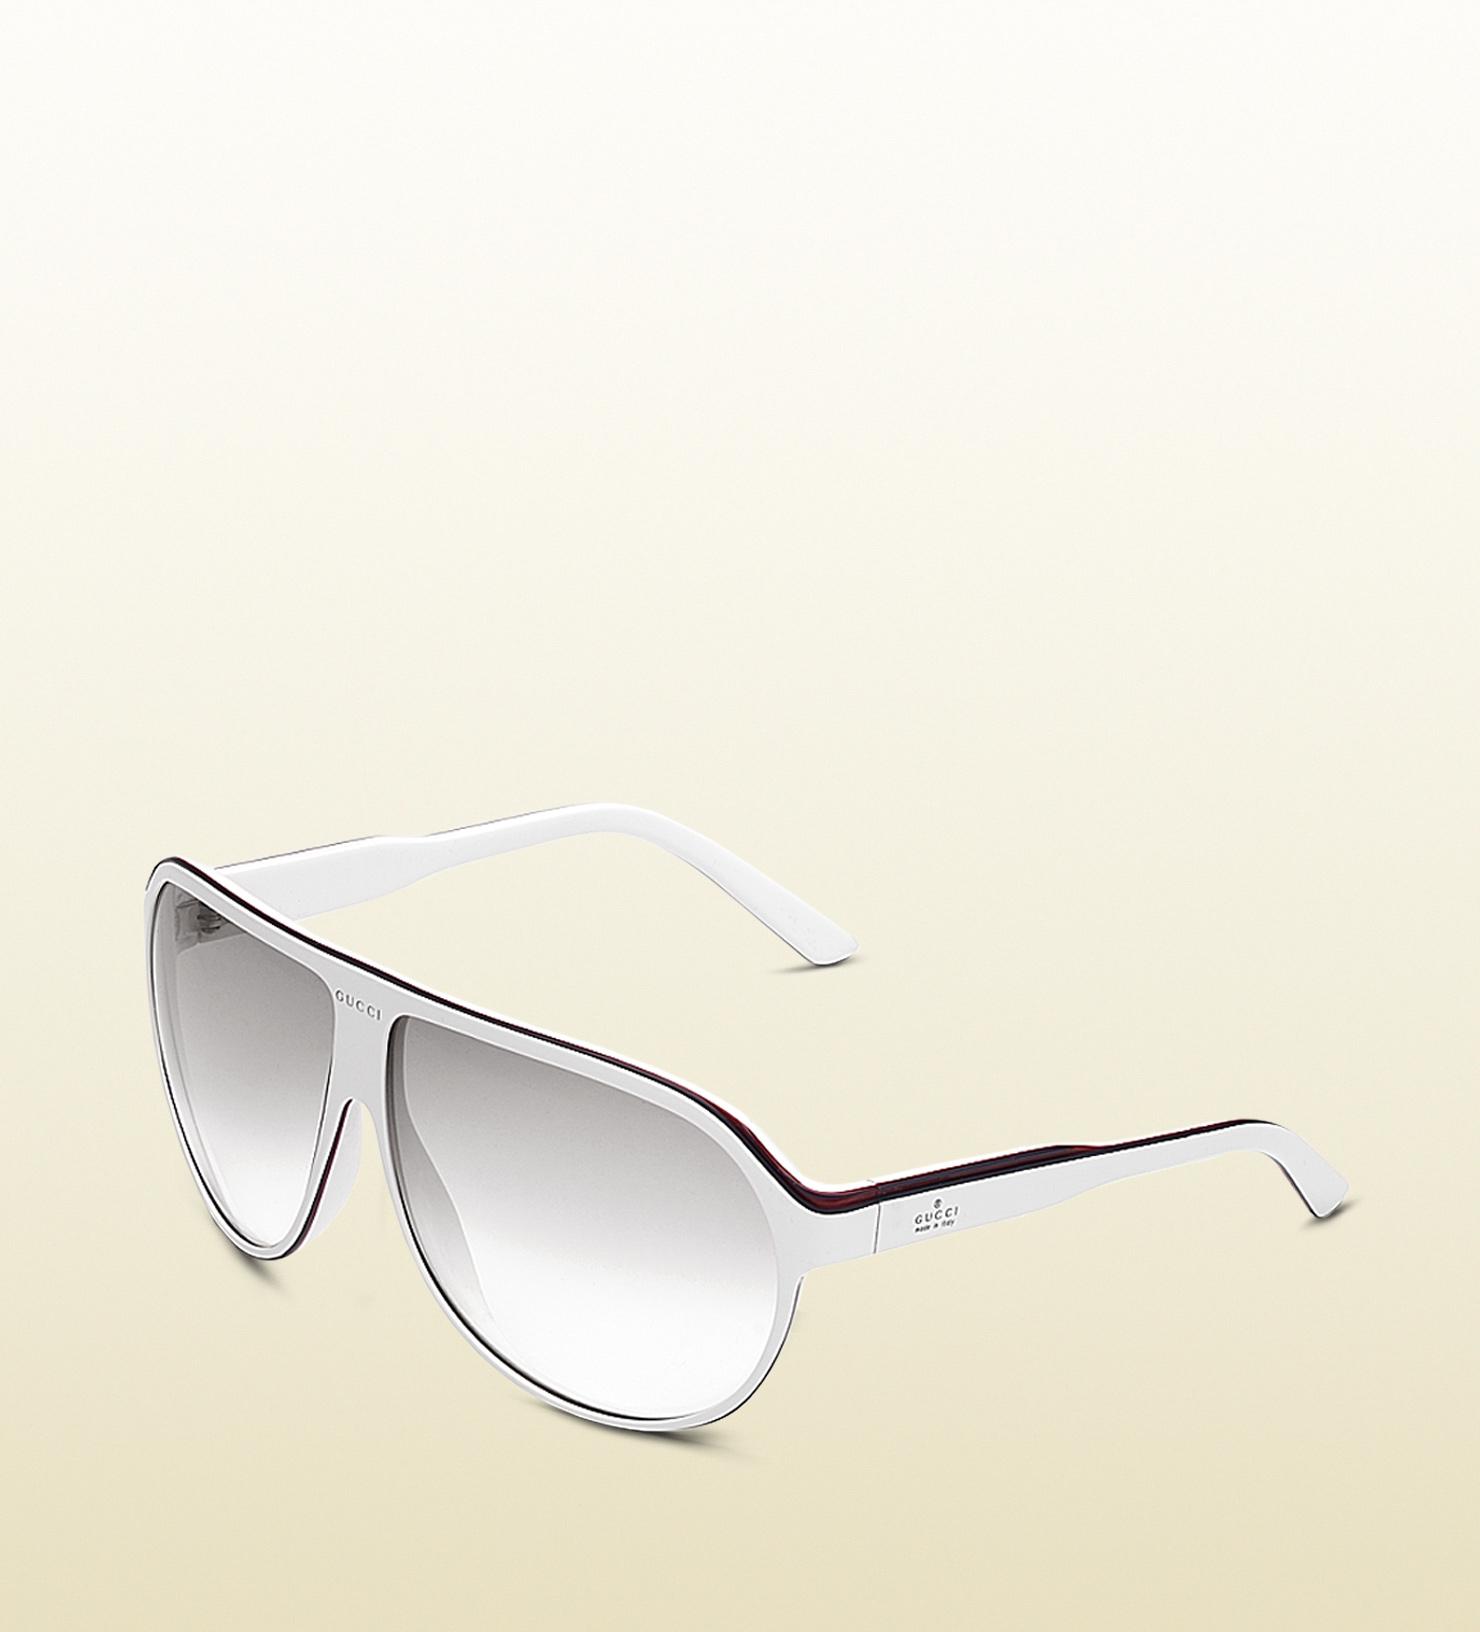 82e54e0ff9 Lyst - Gucci Large Aviator Frame Sunglasses with Gucci Trademark ...